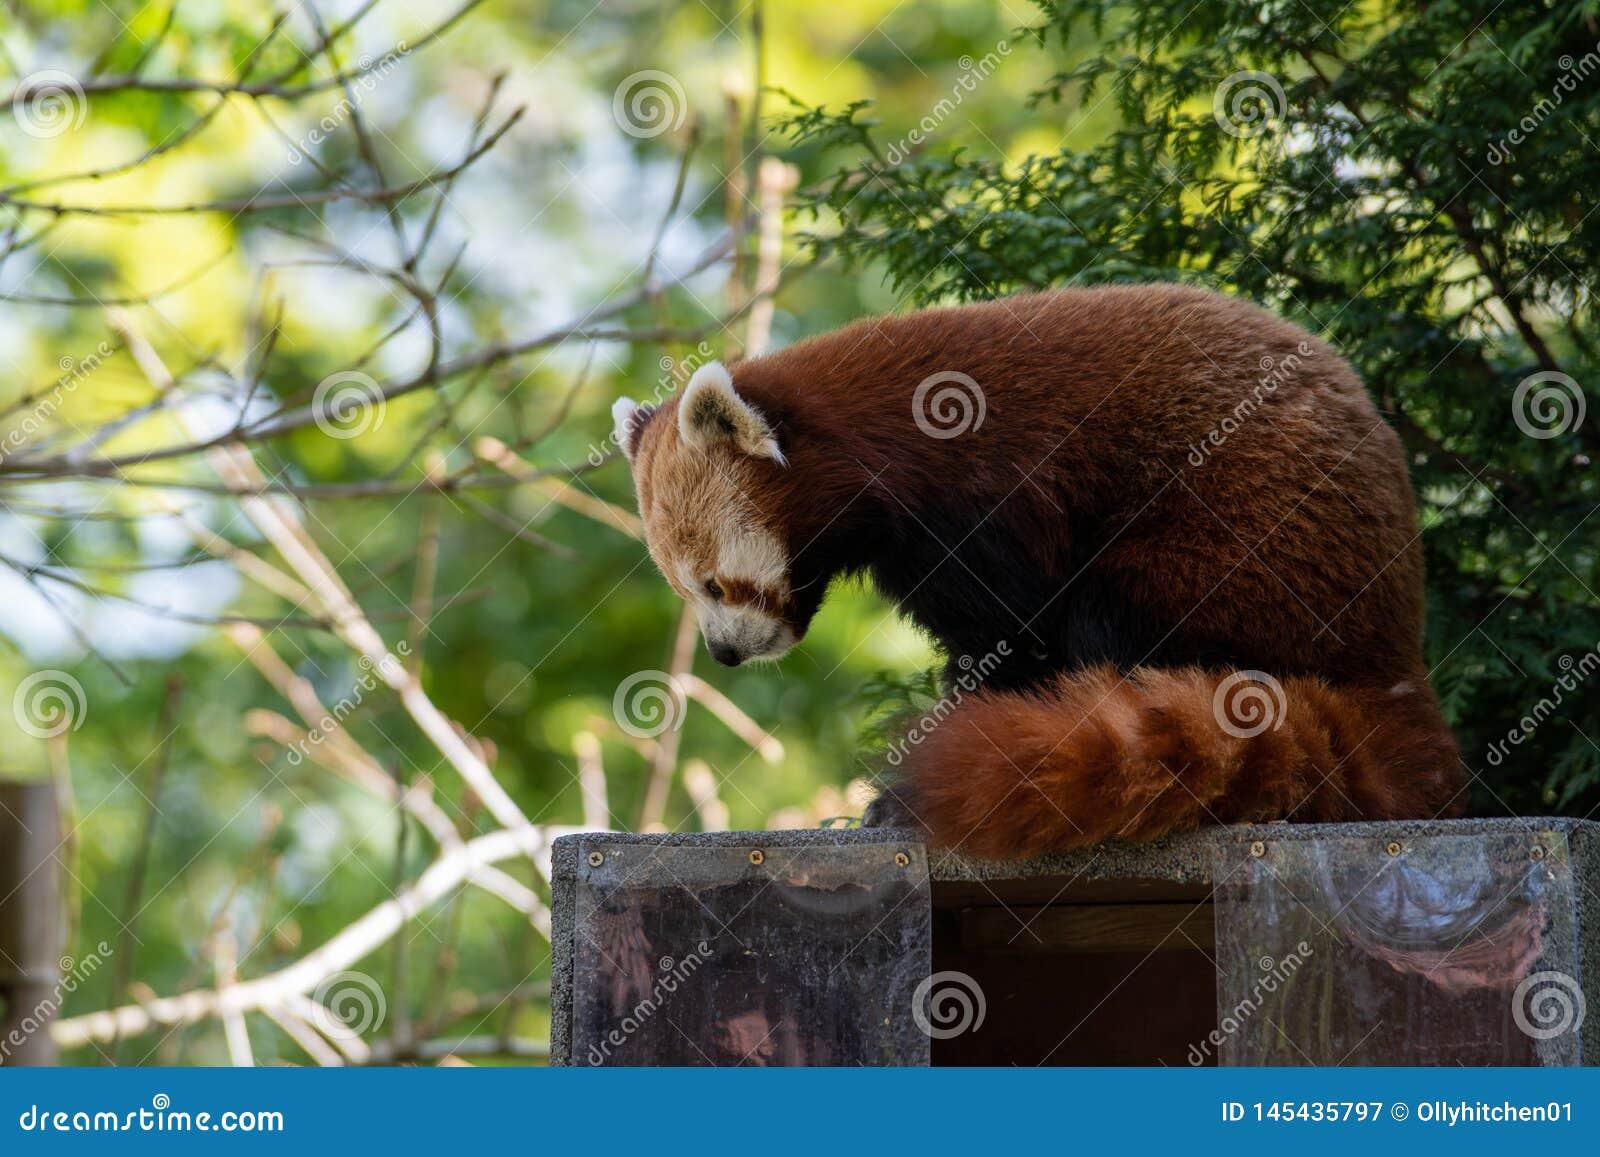 En röd panda flyttar sig till en ny fördelpunkt för att se till att det är säkert att vila når den har ätit